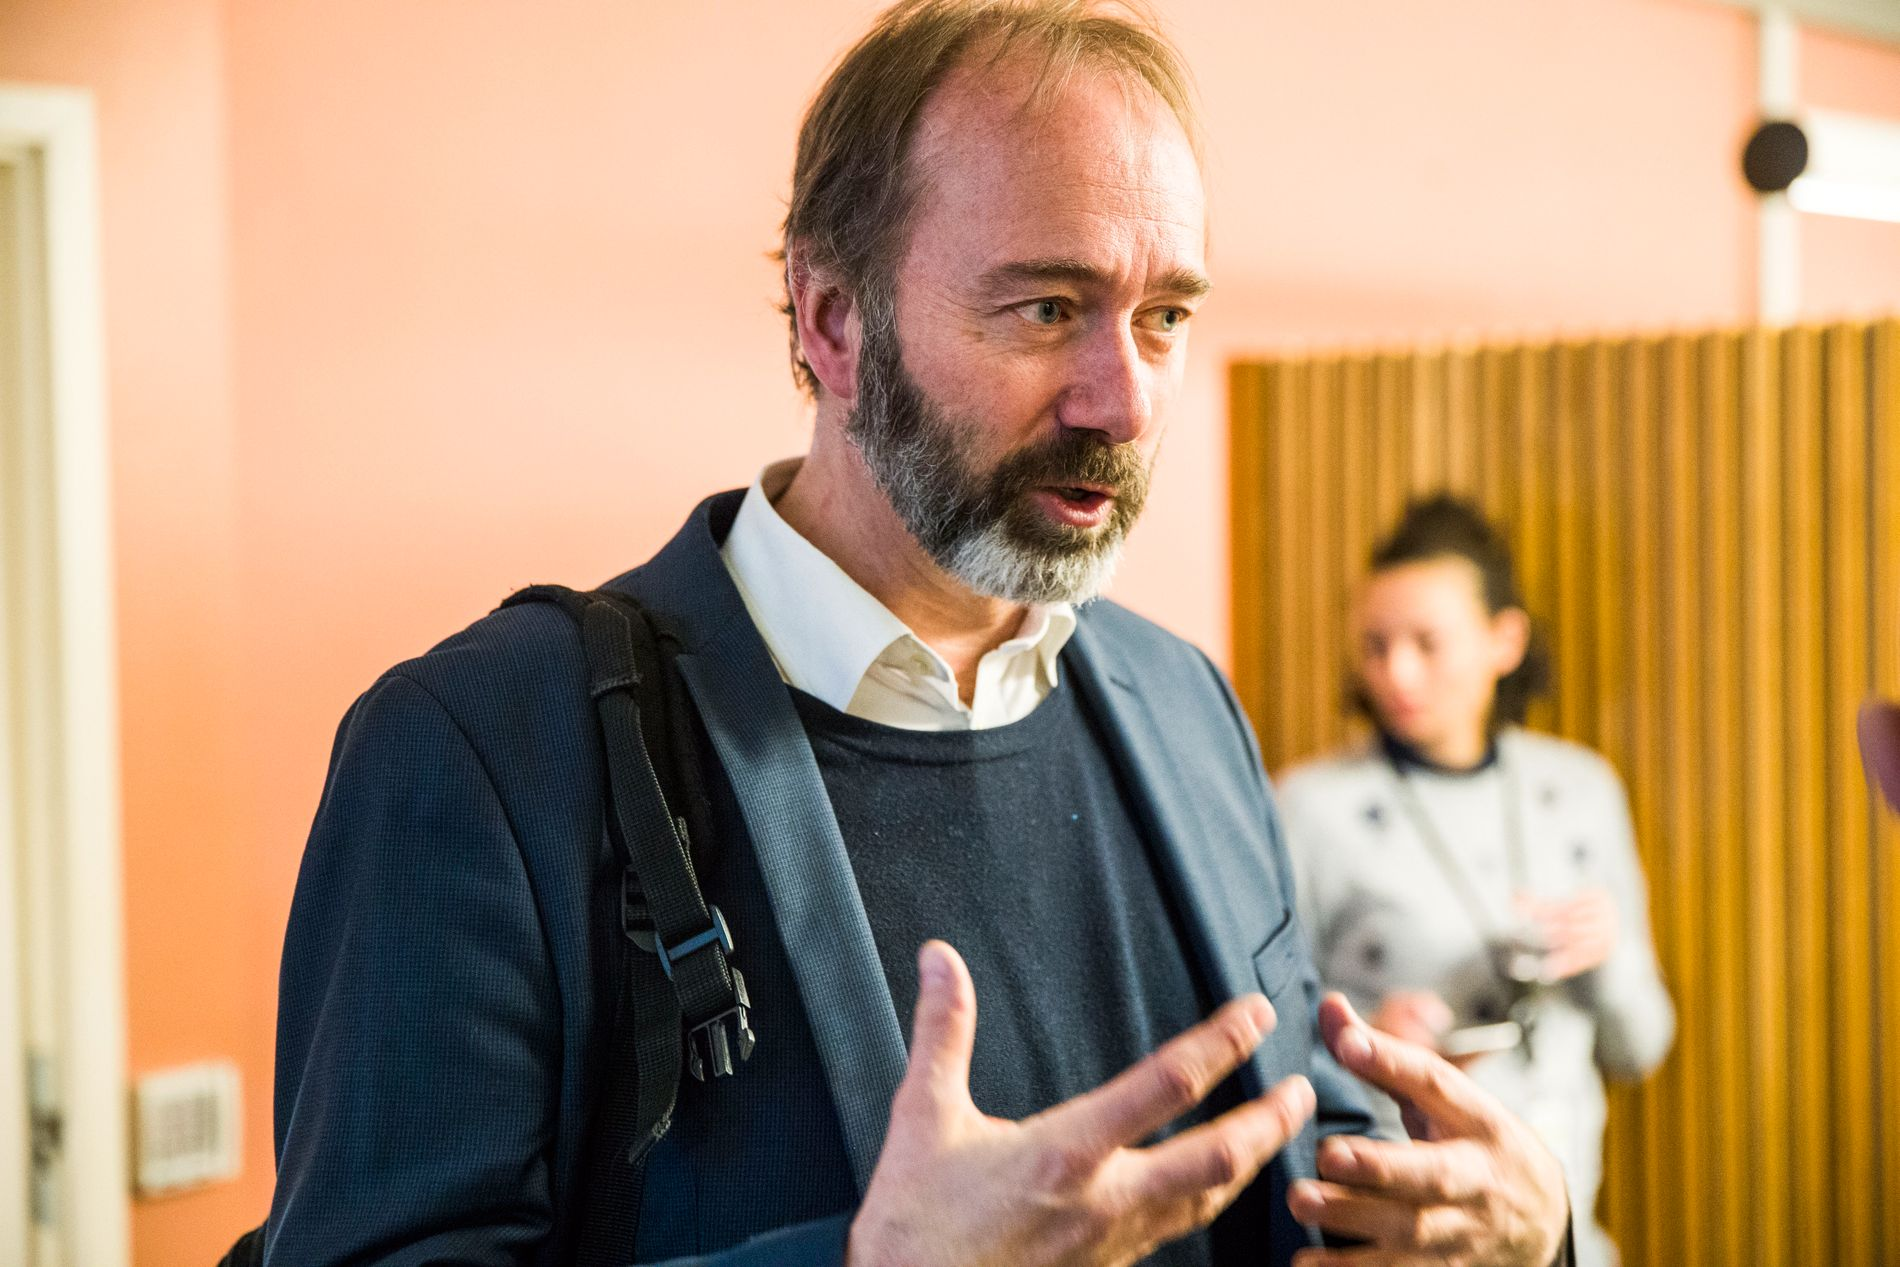 PÅ JOBB: Trond Giske fotografert på jobb som stortingsrepresentant i en av de mange korridorene på Stortinget.